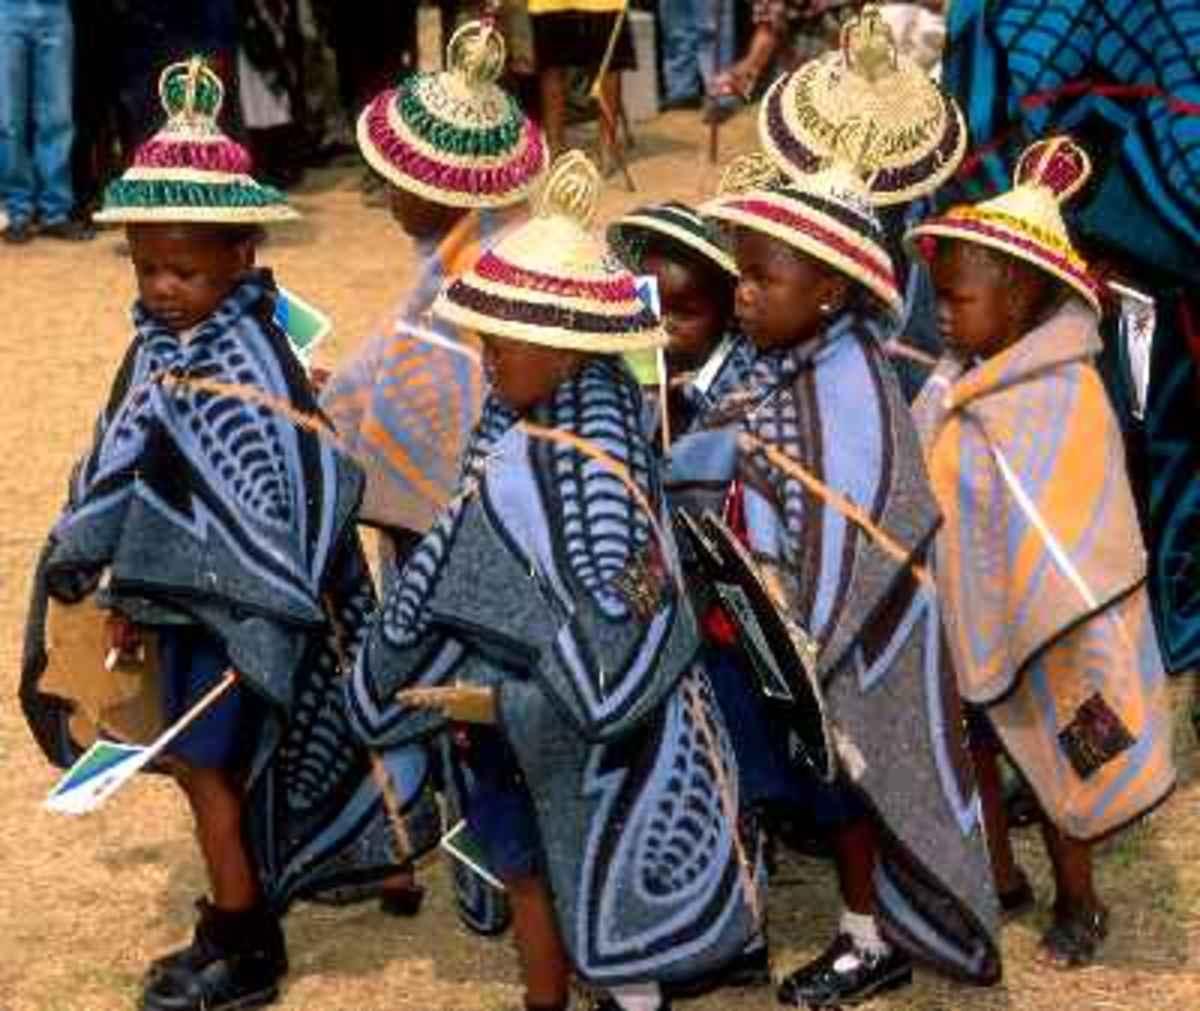 Basotho Children in Blankets